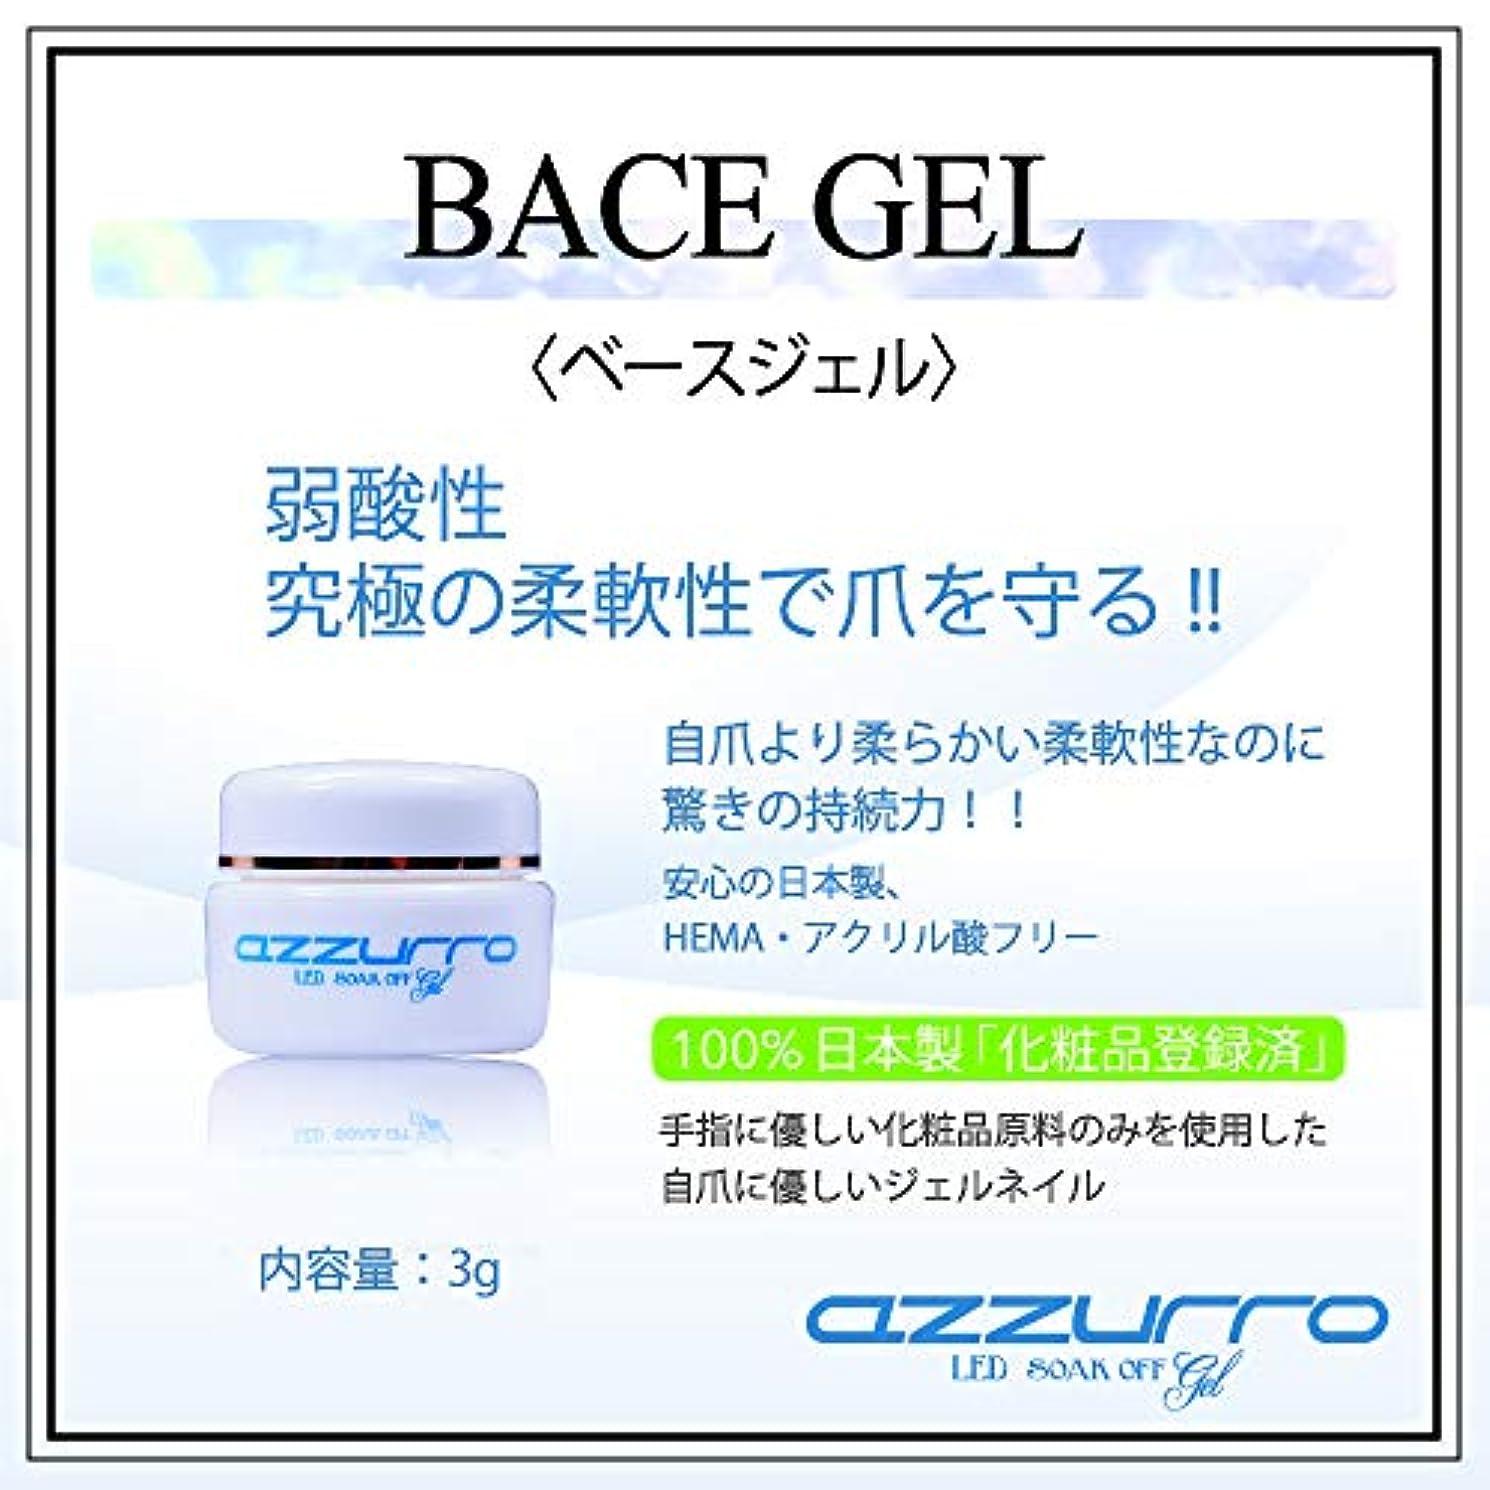 真珠のような抑圧学んだazzurro gel アッズーロ ベースジェル 日本製 驚きの密着力 リムーバーでオフも簡単3g